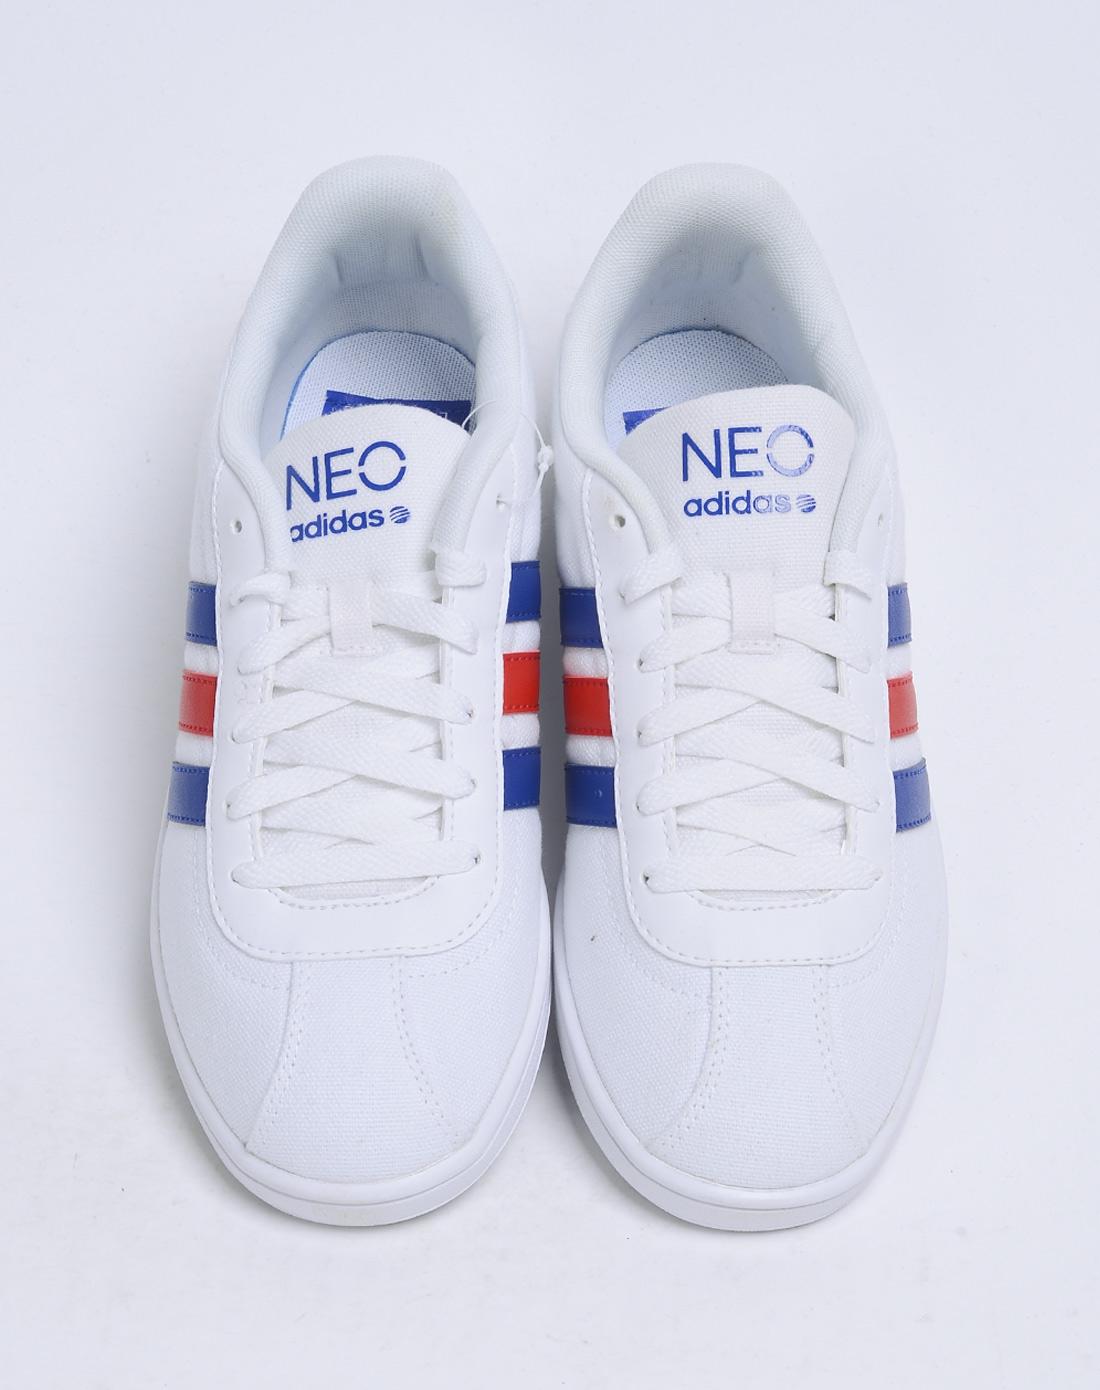 阿迪达斯adidas男鞋专场-男子白色复古鞋